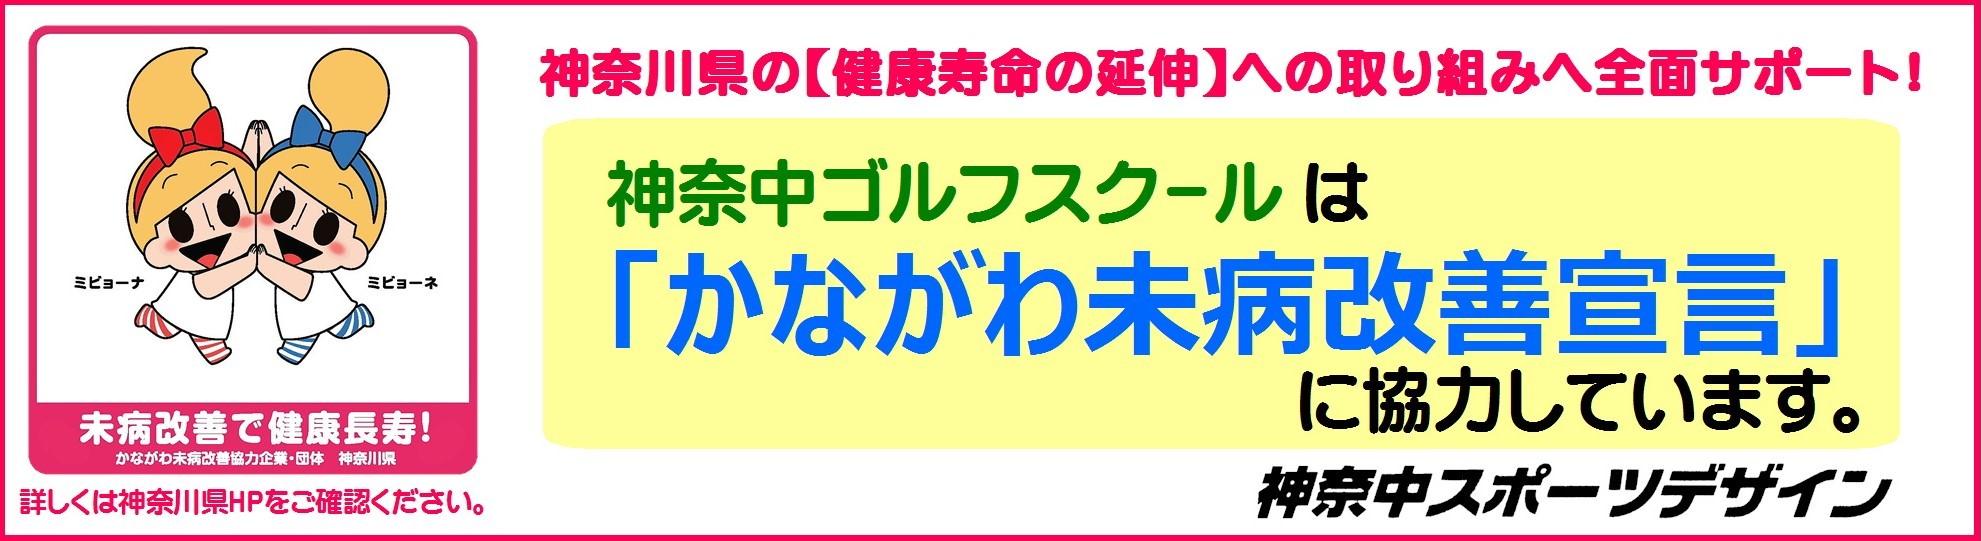 神奈中ゴルフスクールは「かながわ未病改善宣言」に協力しています。